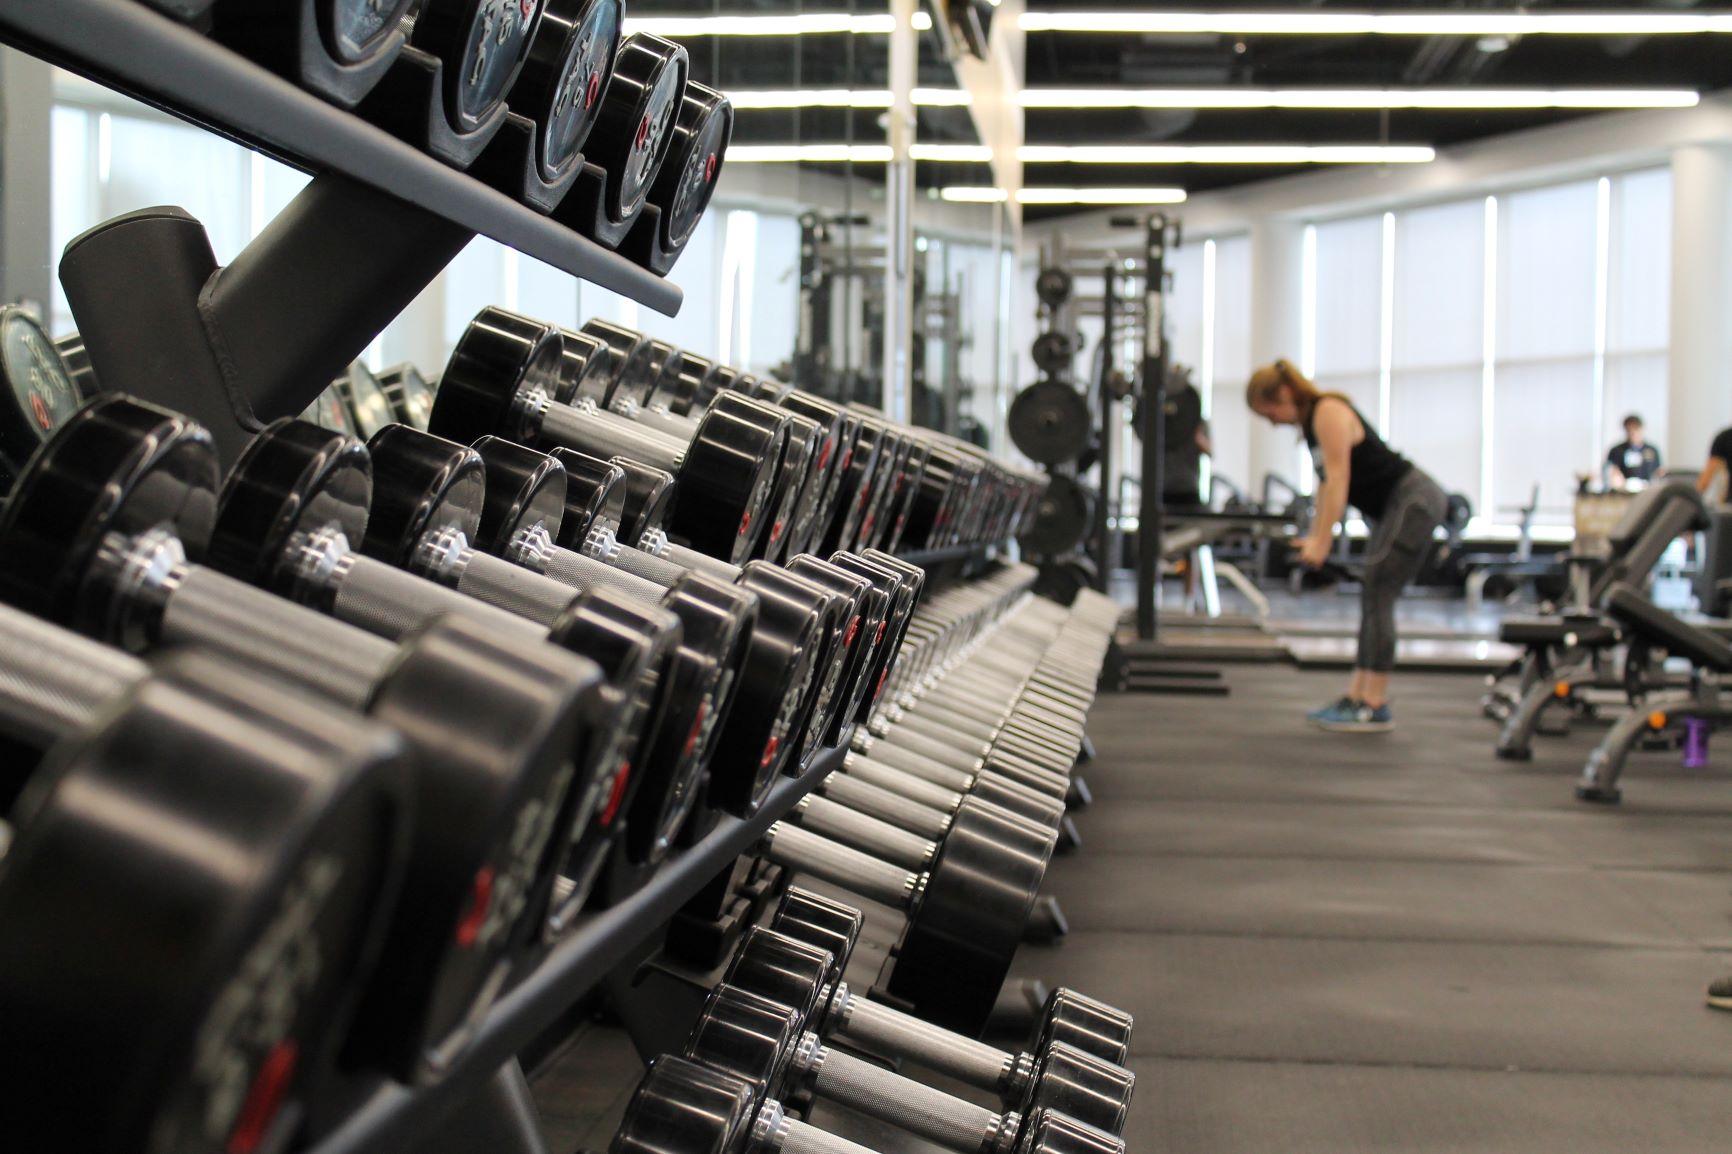 Bodybuilding Hanteln im Fitnessstudio, im Hintergrund trainiert eine junge Frau mit Hanteln.